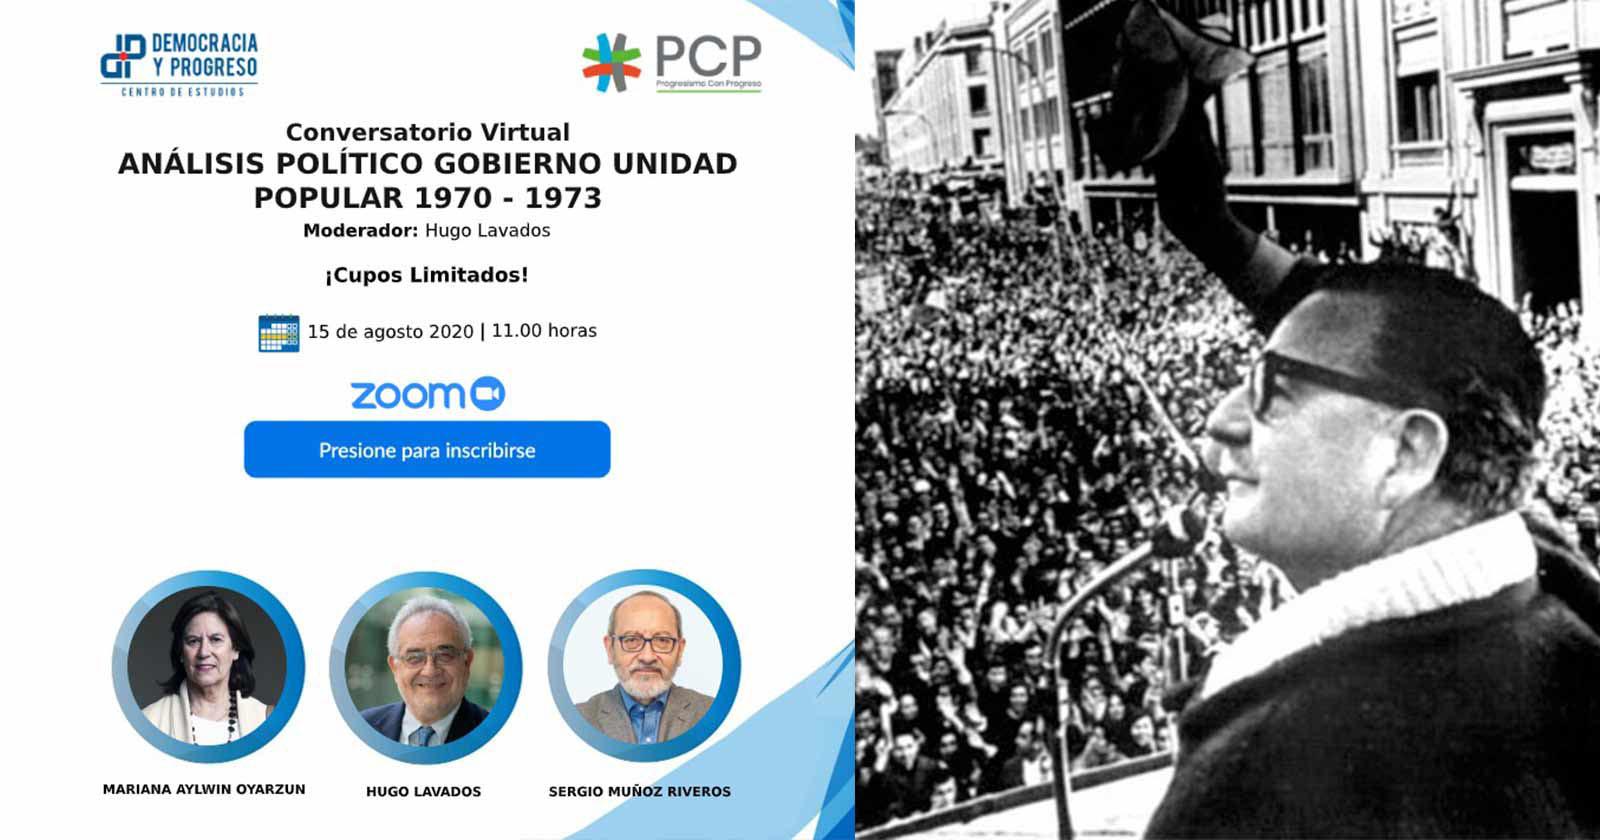 Conversatorio virtual: análisis político del gobierno de la Unidad Popular